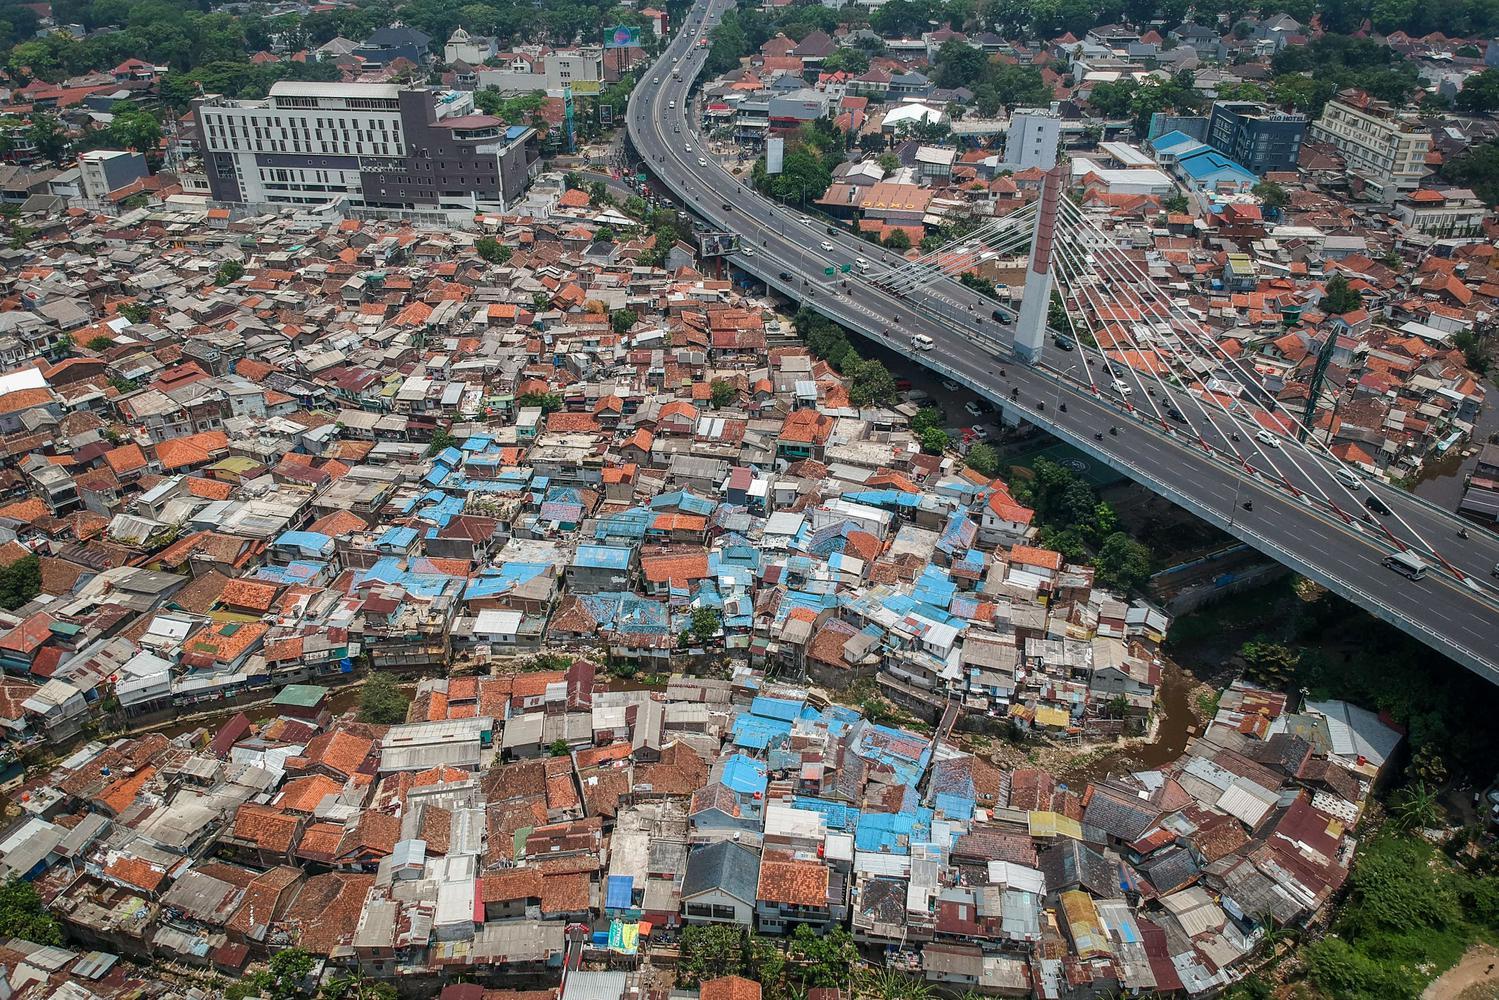 Peningkatan Jumlah Penduduk Di Jawa Barat